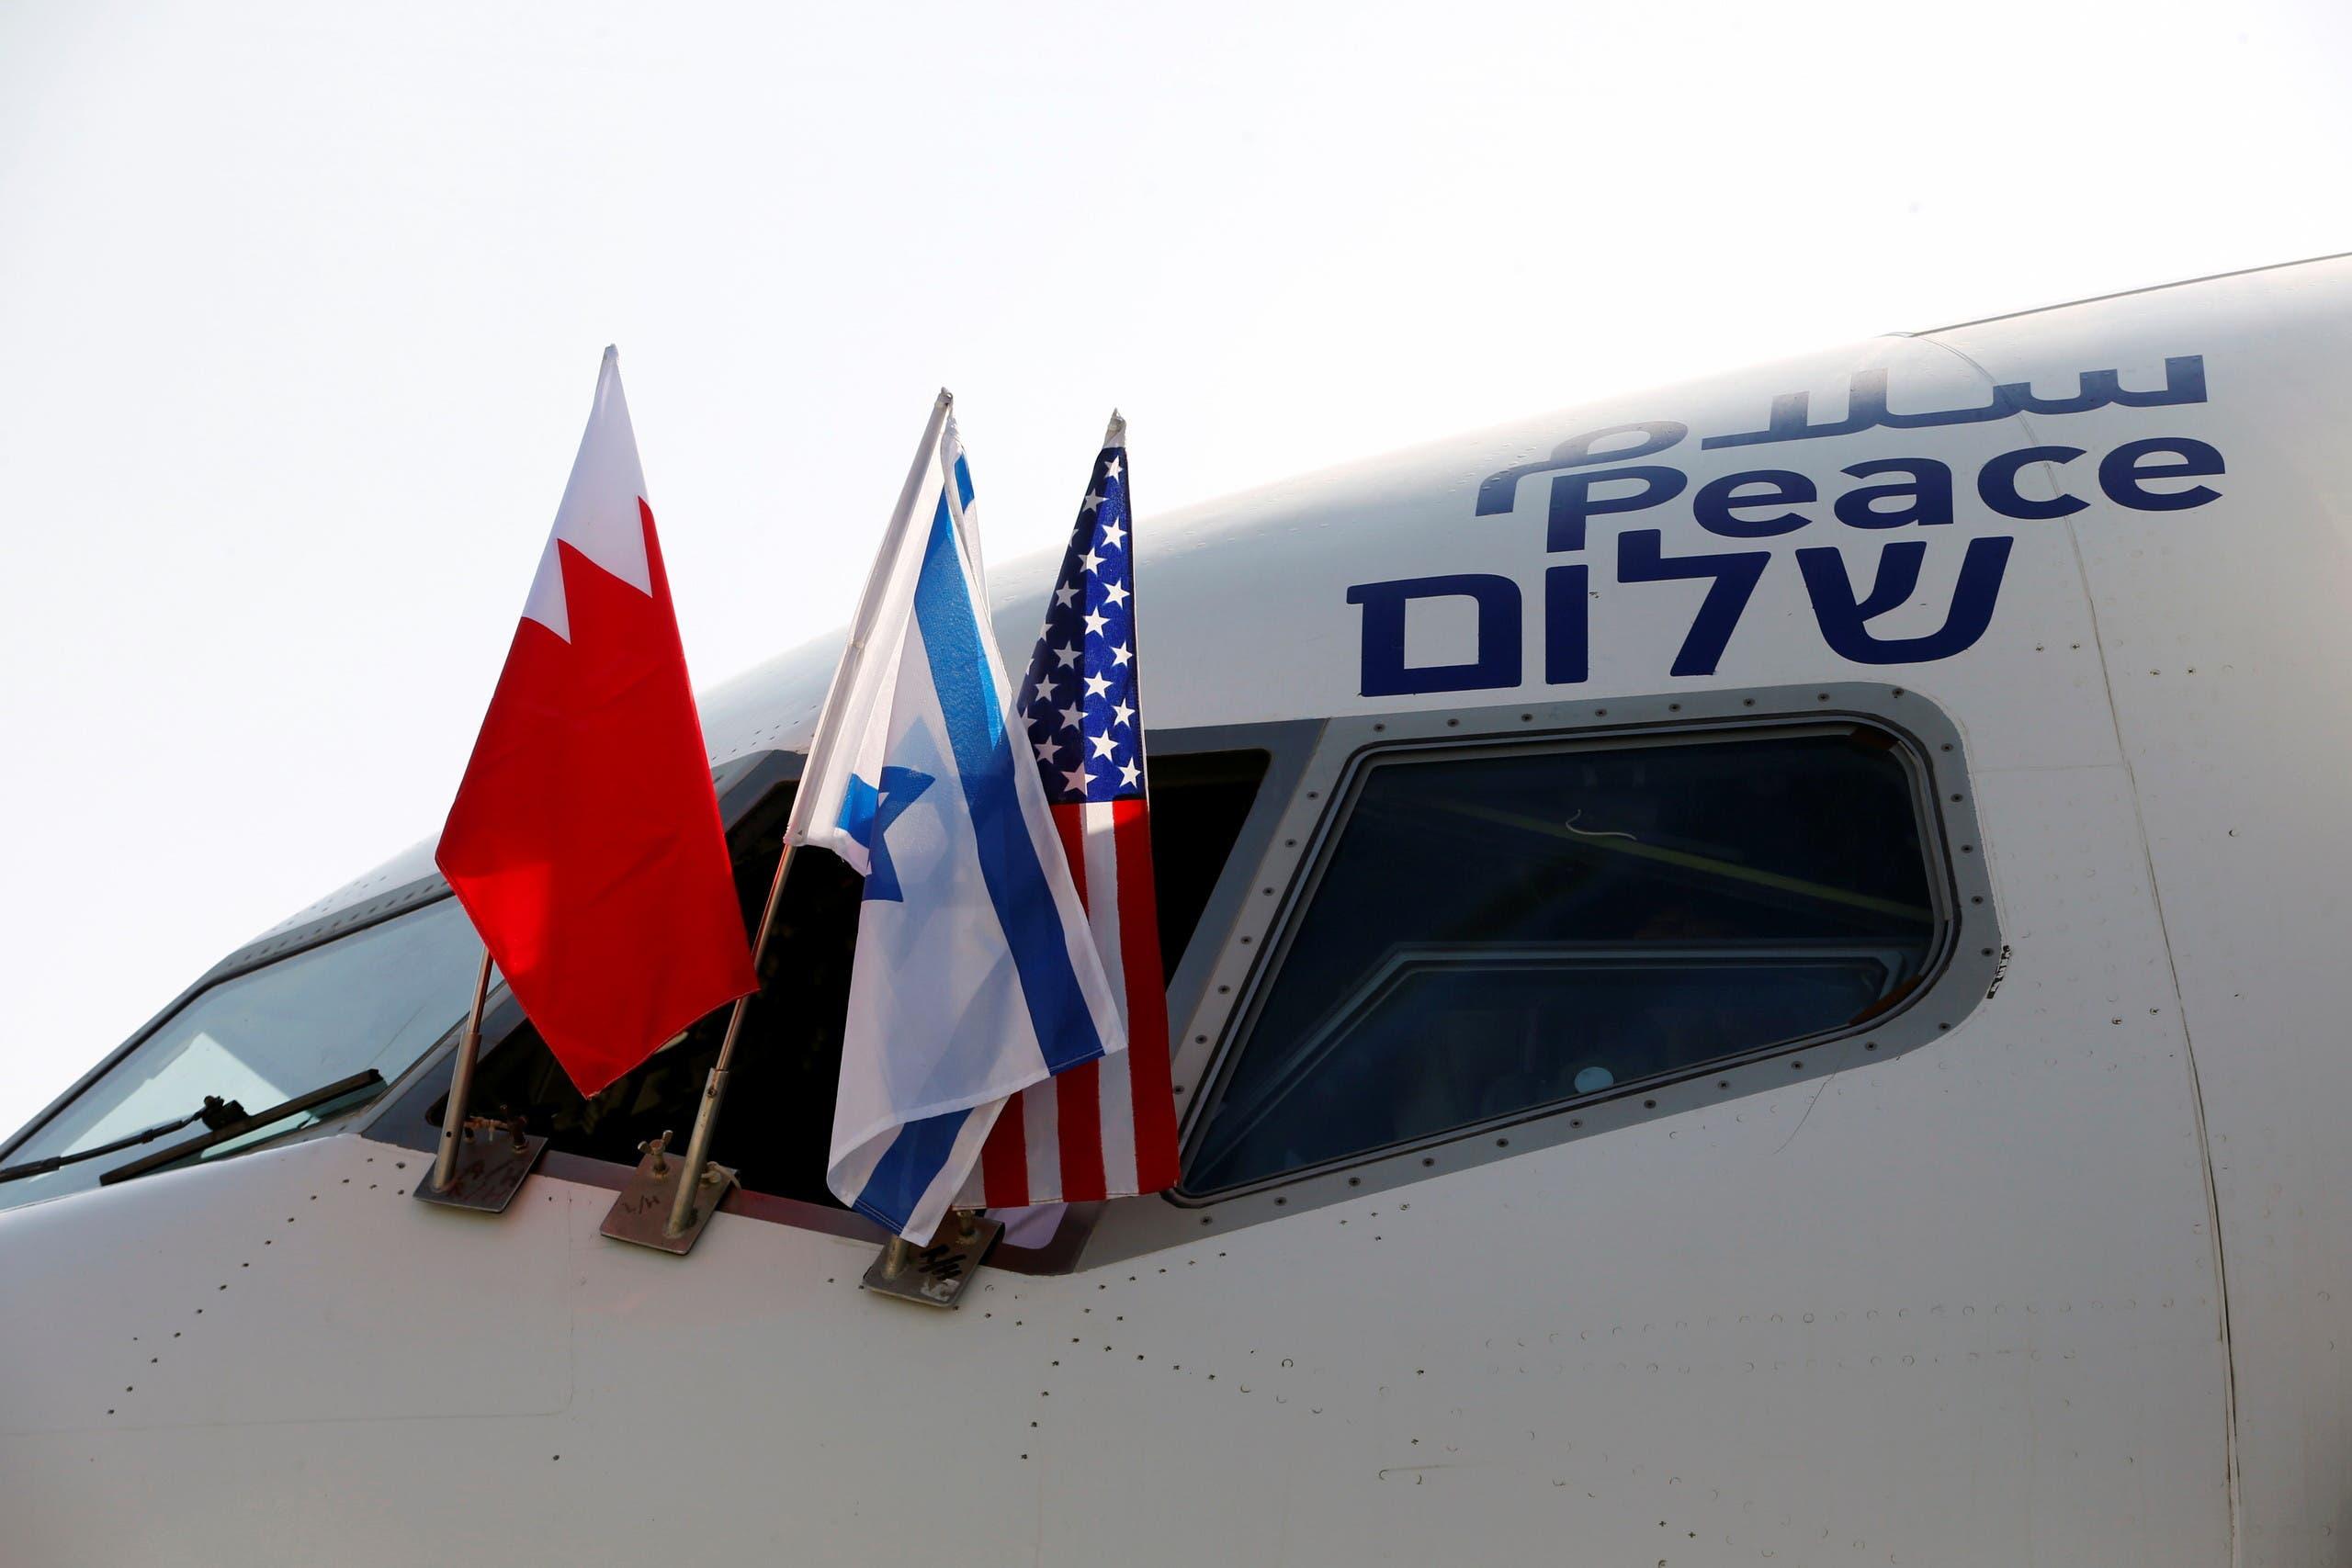 الطائرة الإسرائيلية قبل إقلاعها إلى المنامة